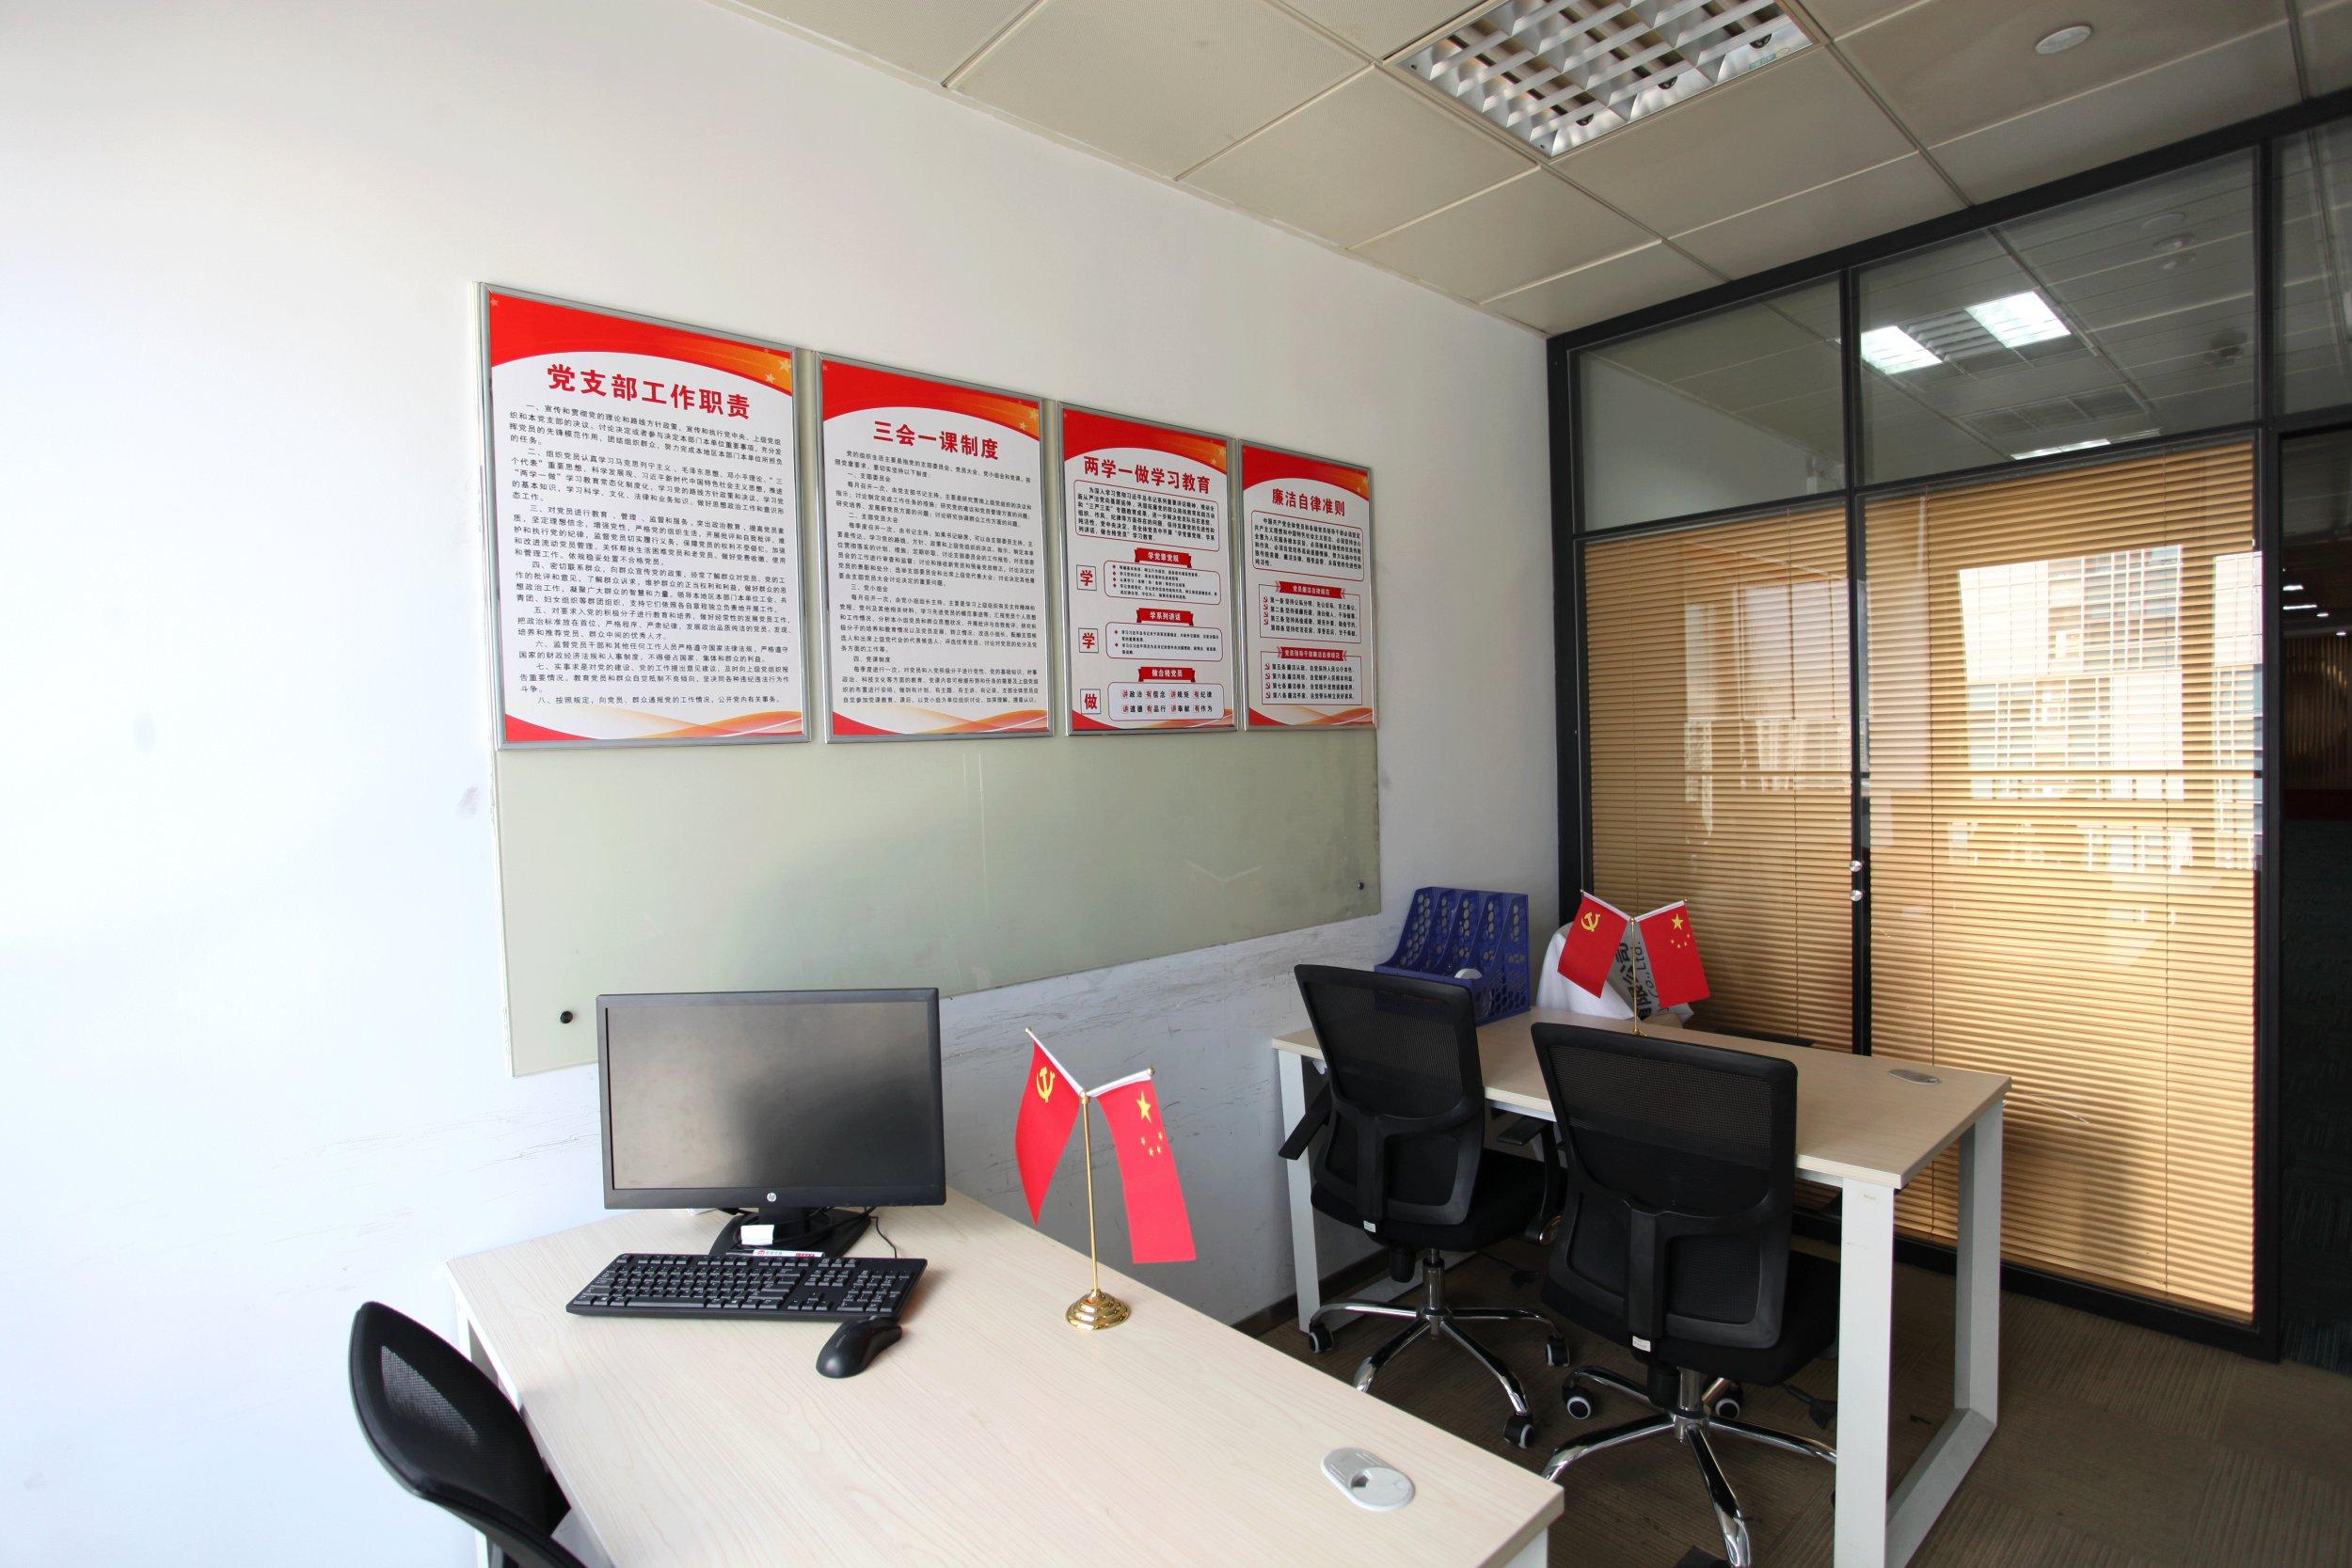 和宇健康黨支部正式設立黨支部辦公室